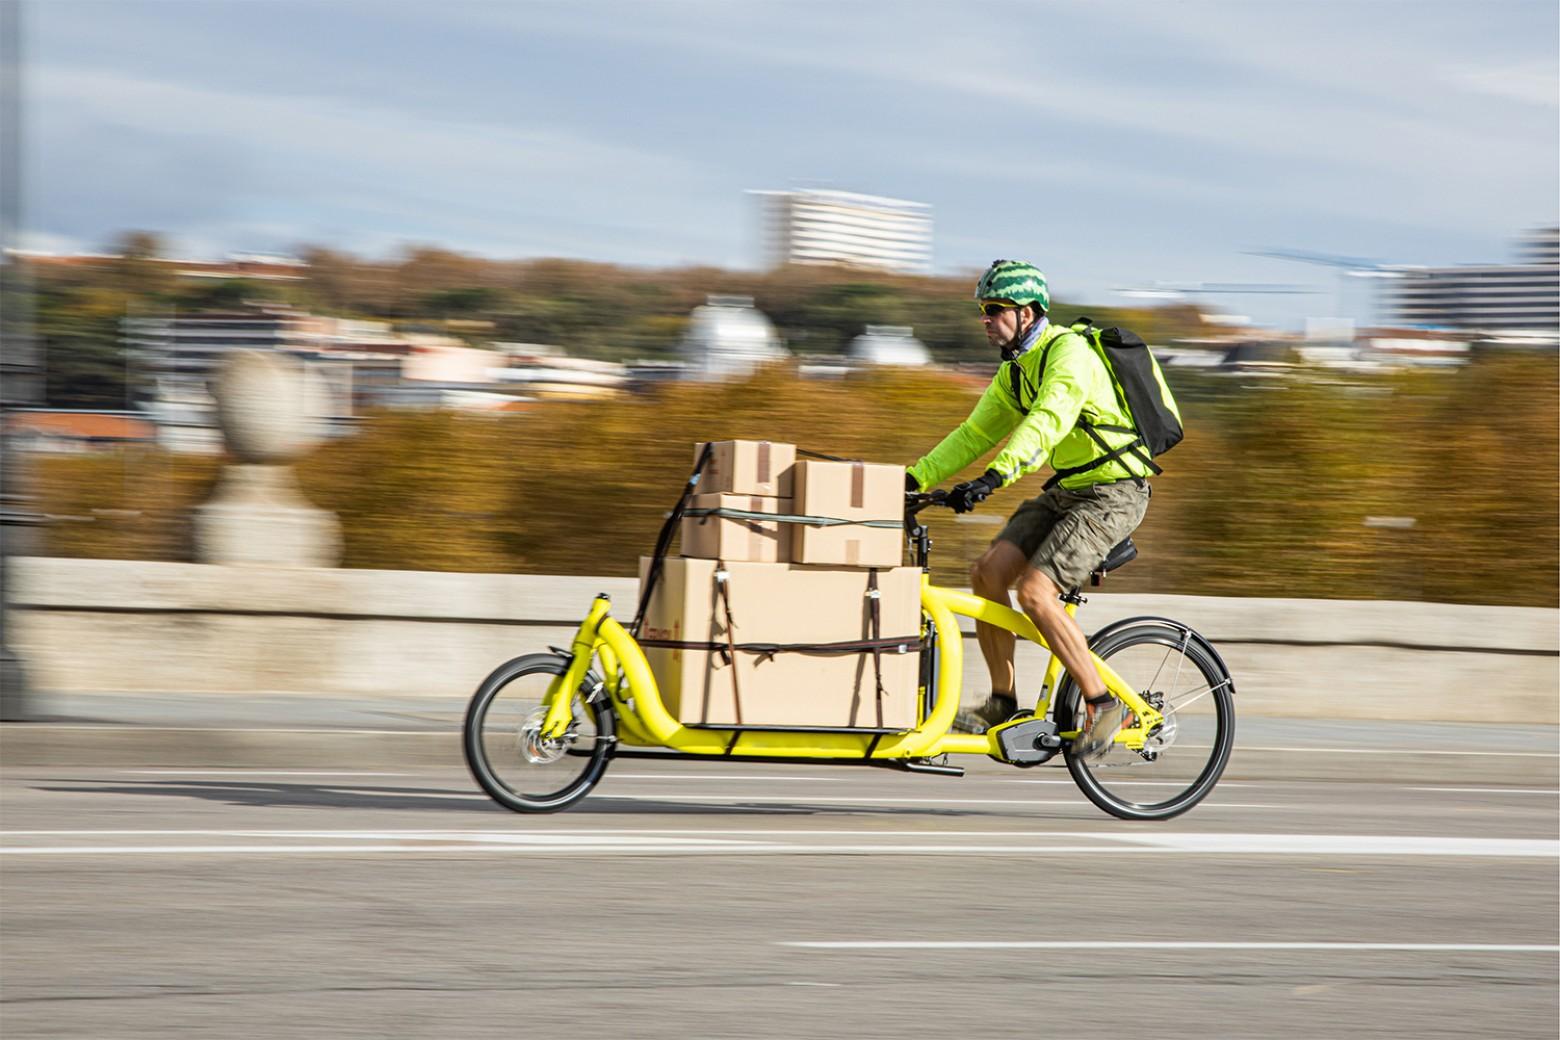 invasion-cargo-bike/